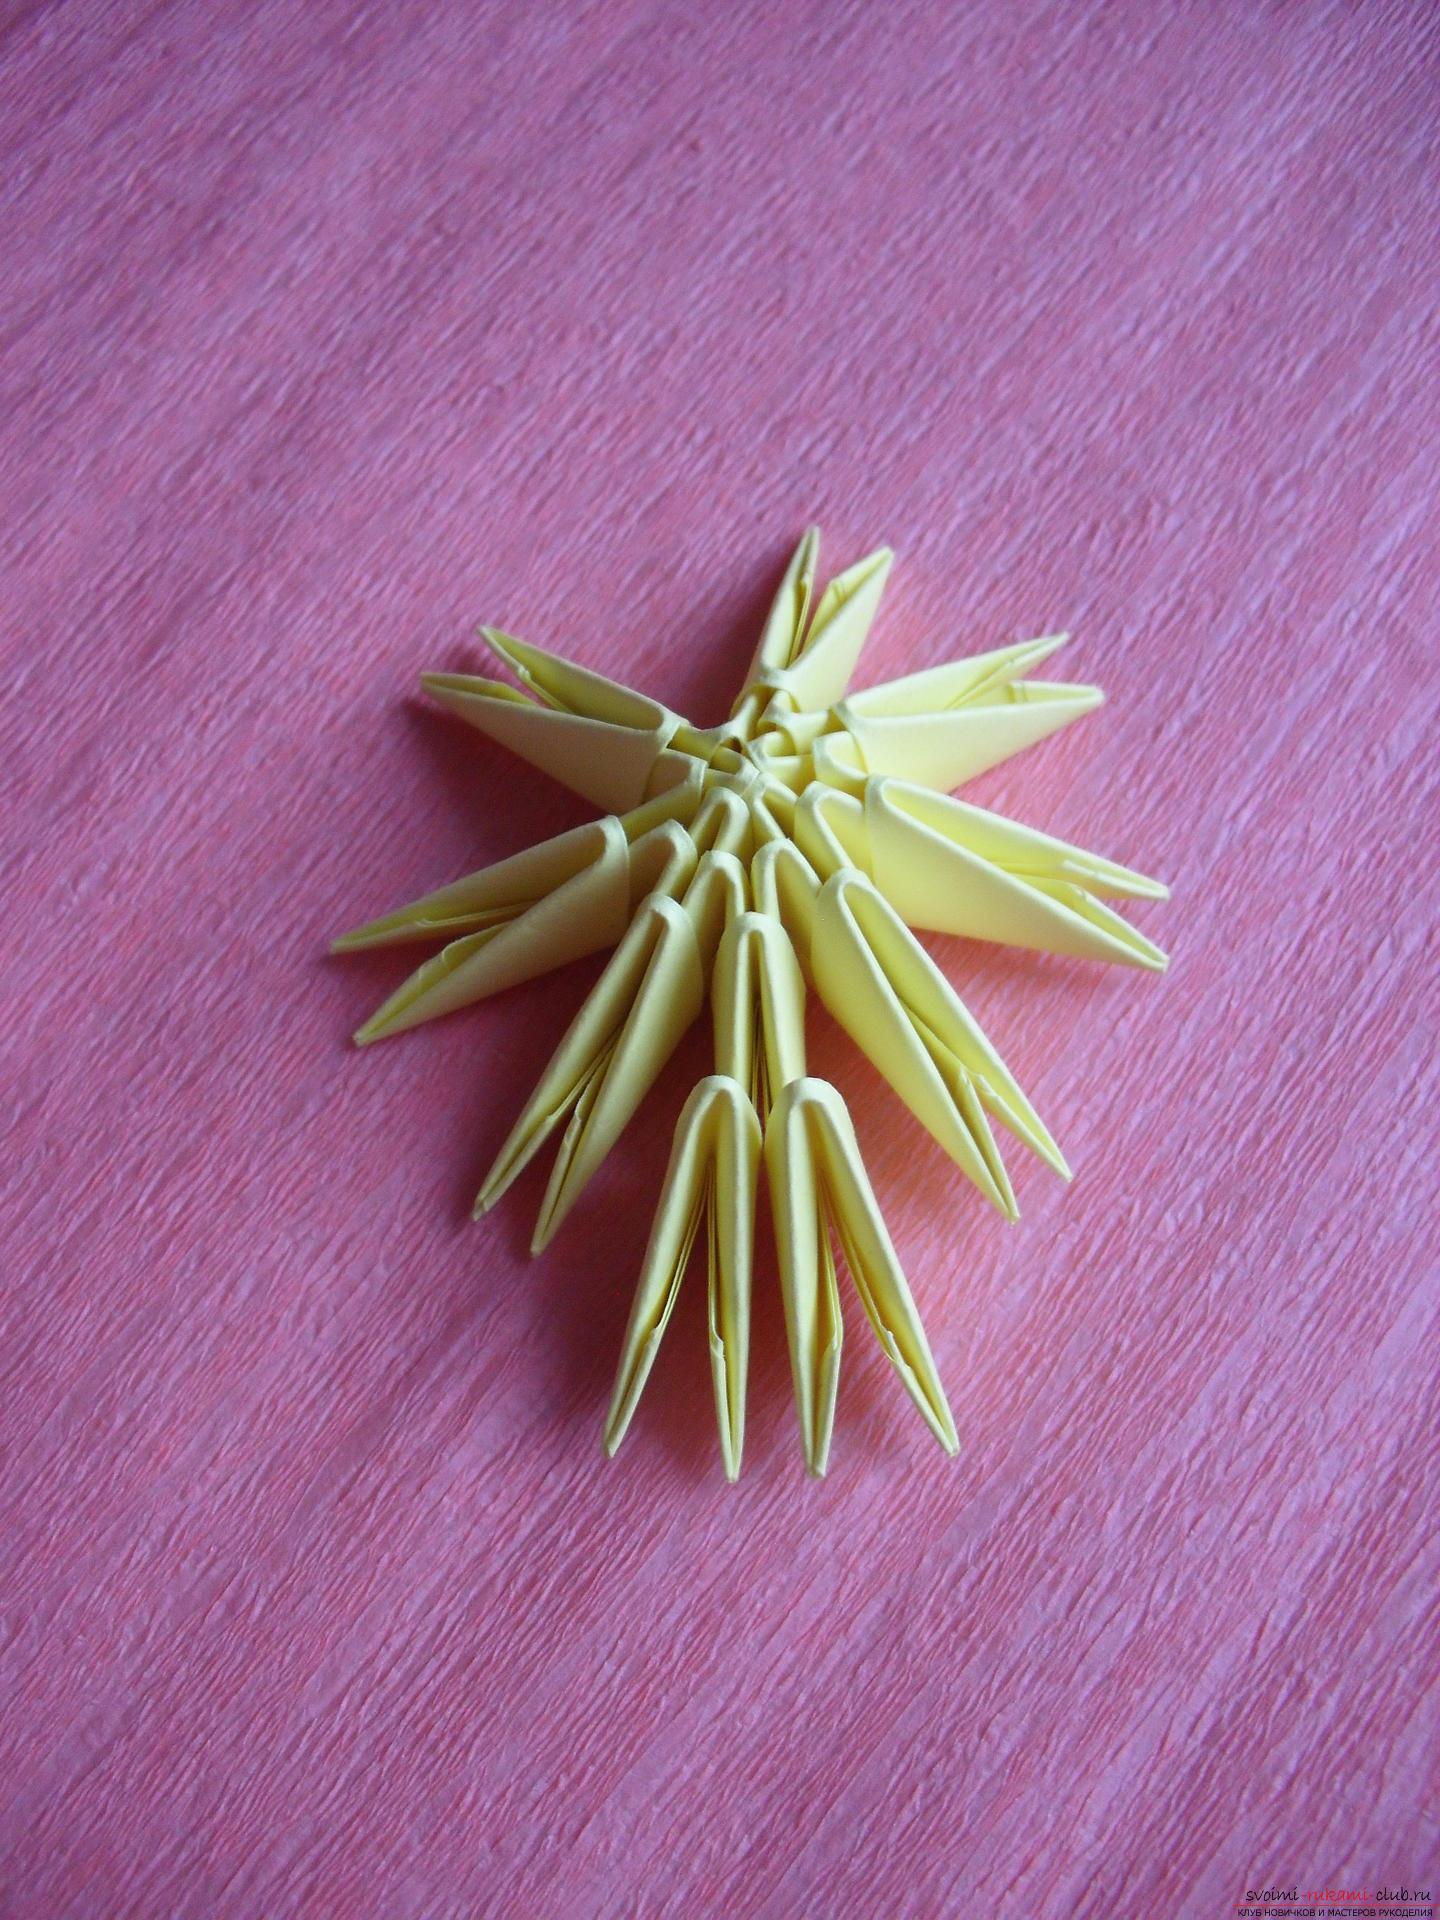 Этот мастер-класс научит как сделать вазу с тюльпанами из бумаги в технике модульного оригами.. Фото №14